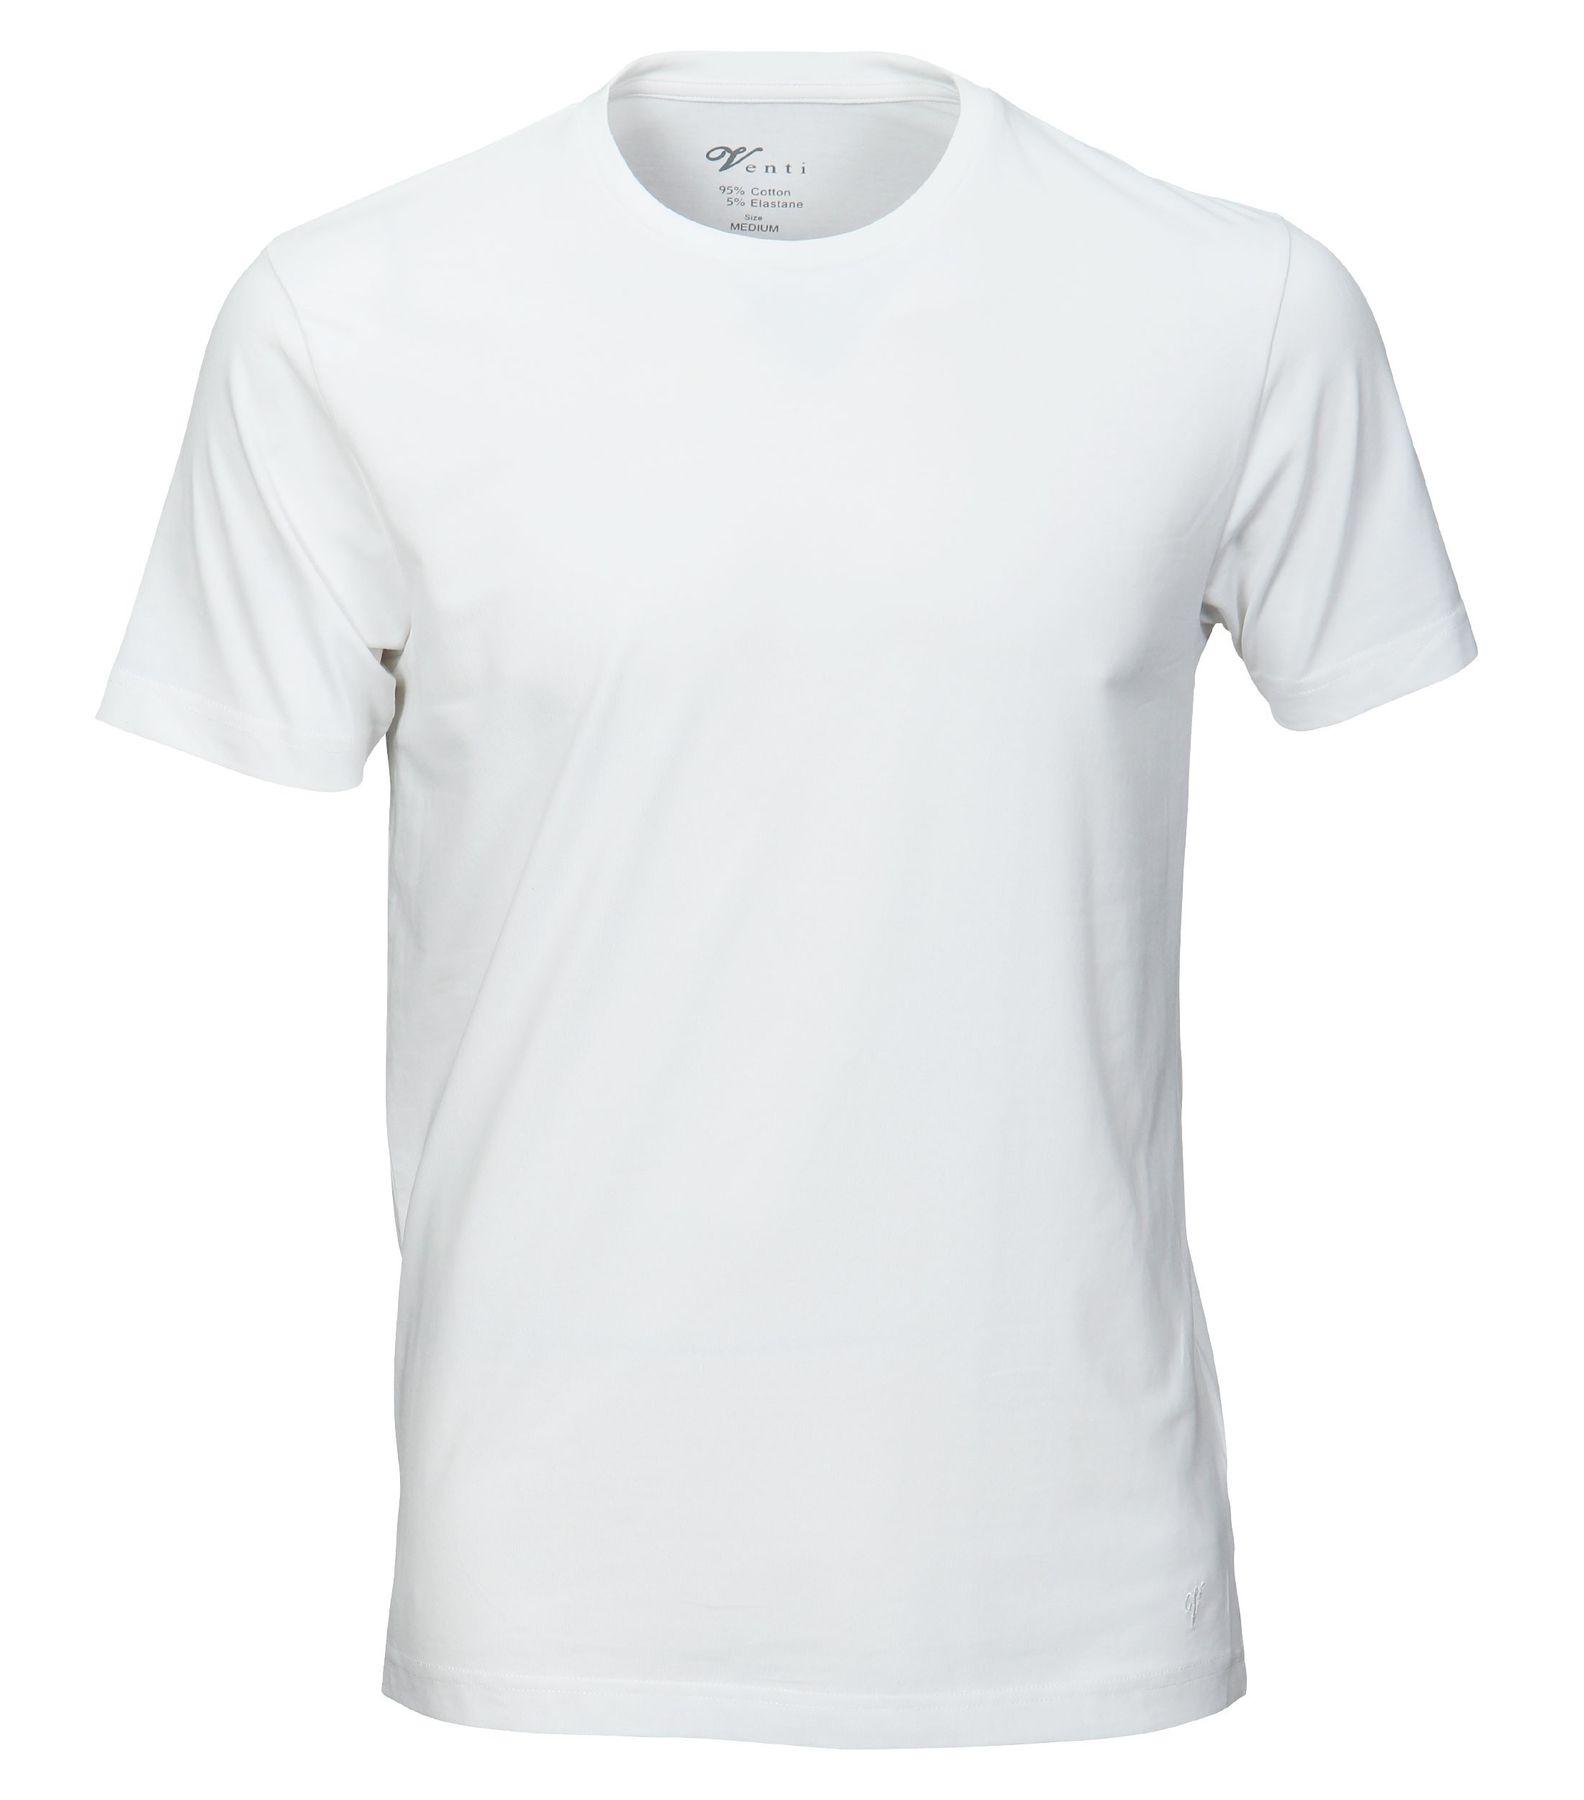 Venti - Slim Fit - Herren T-Shirt mit Rundhals im 2er Pack, schwarz oder weiß (001650) – Bild 2